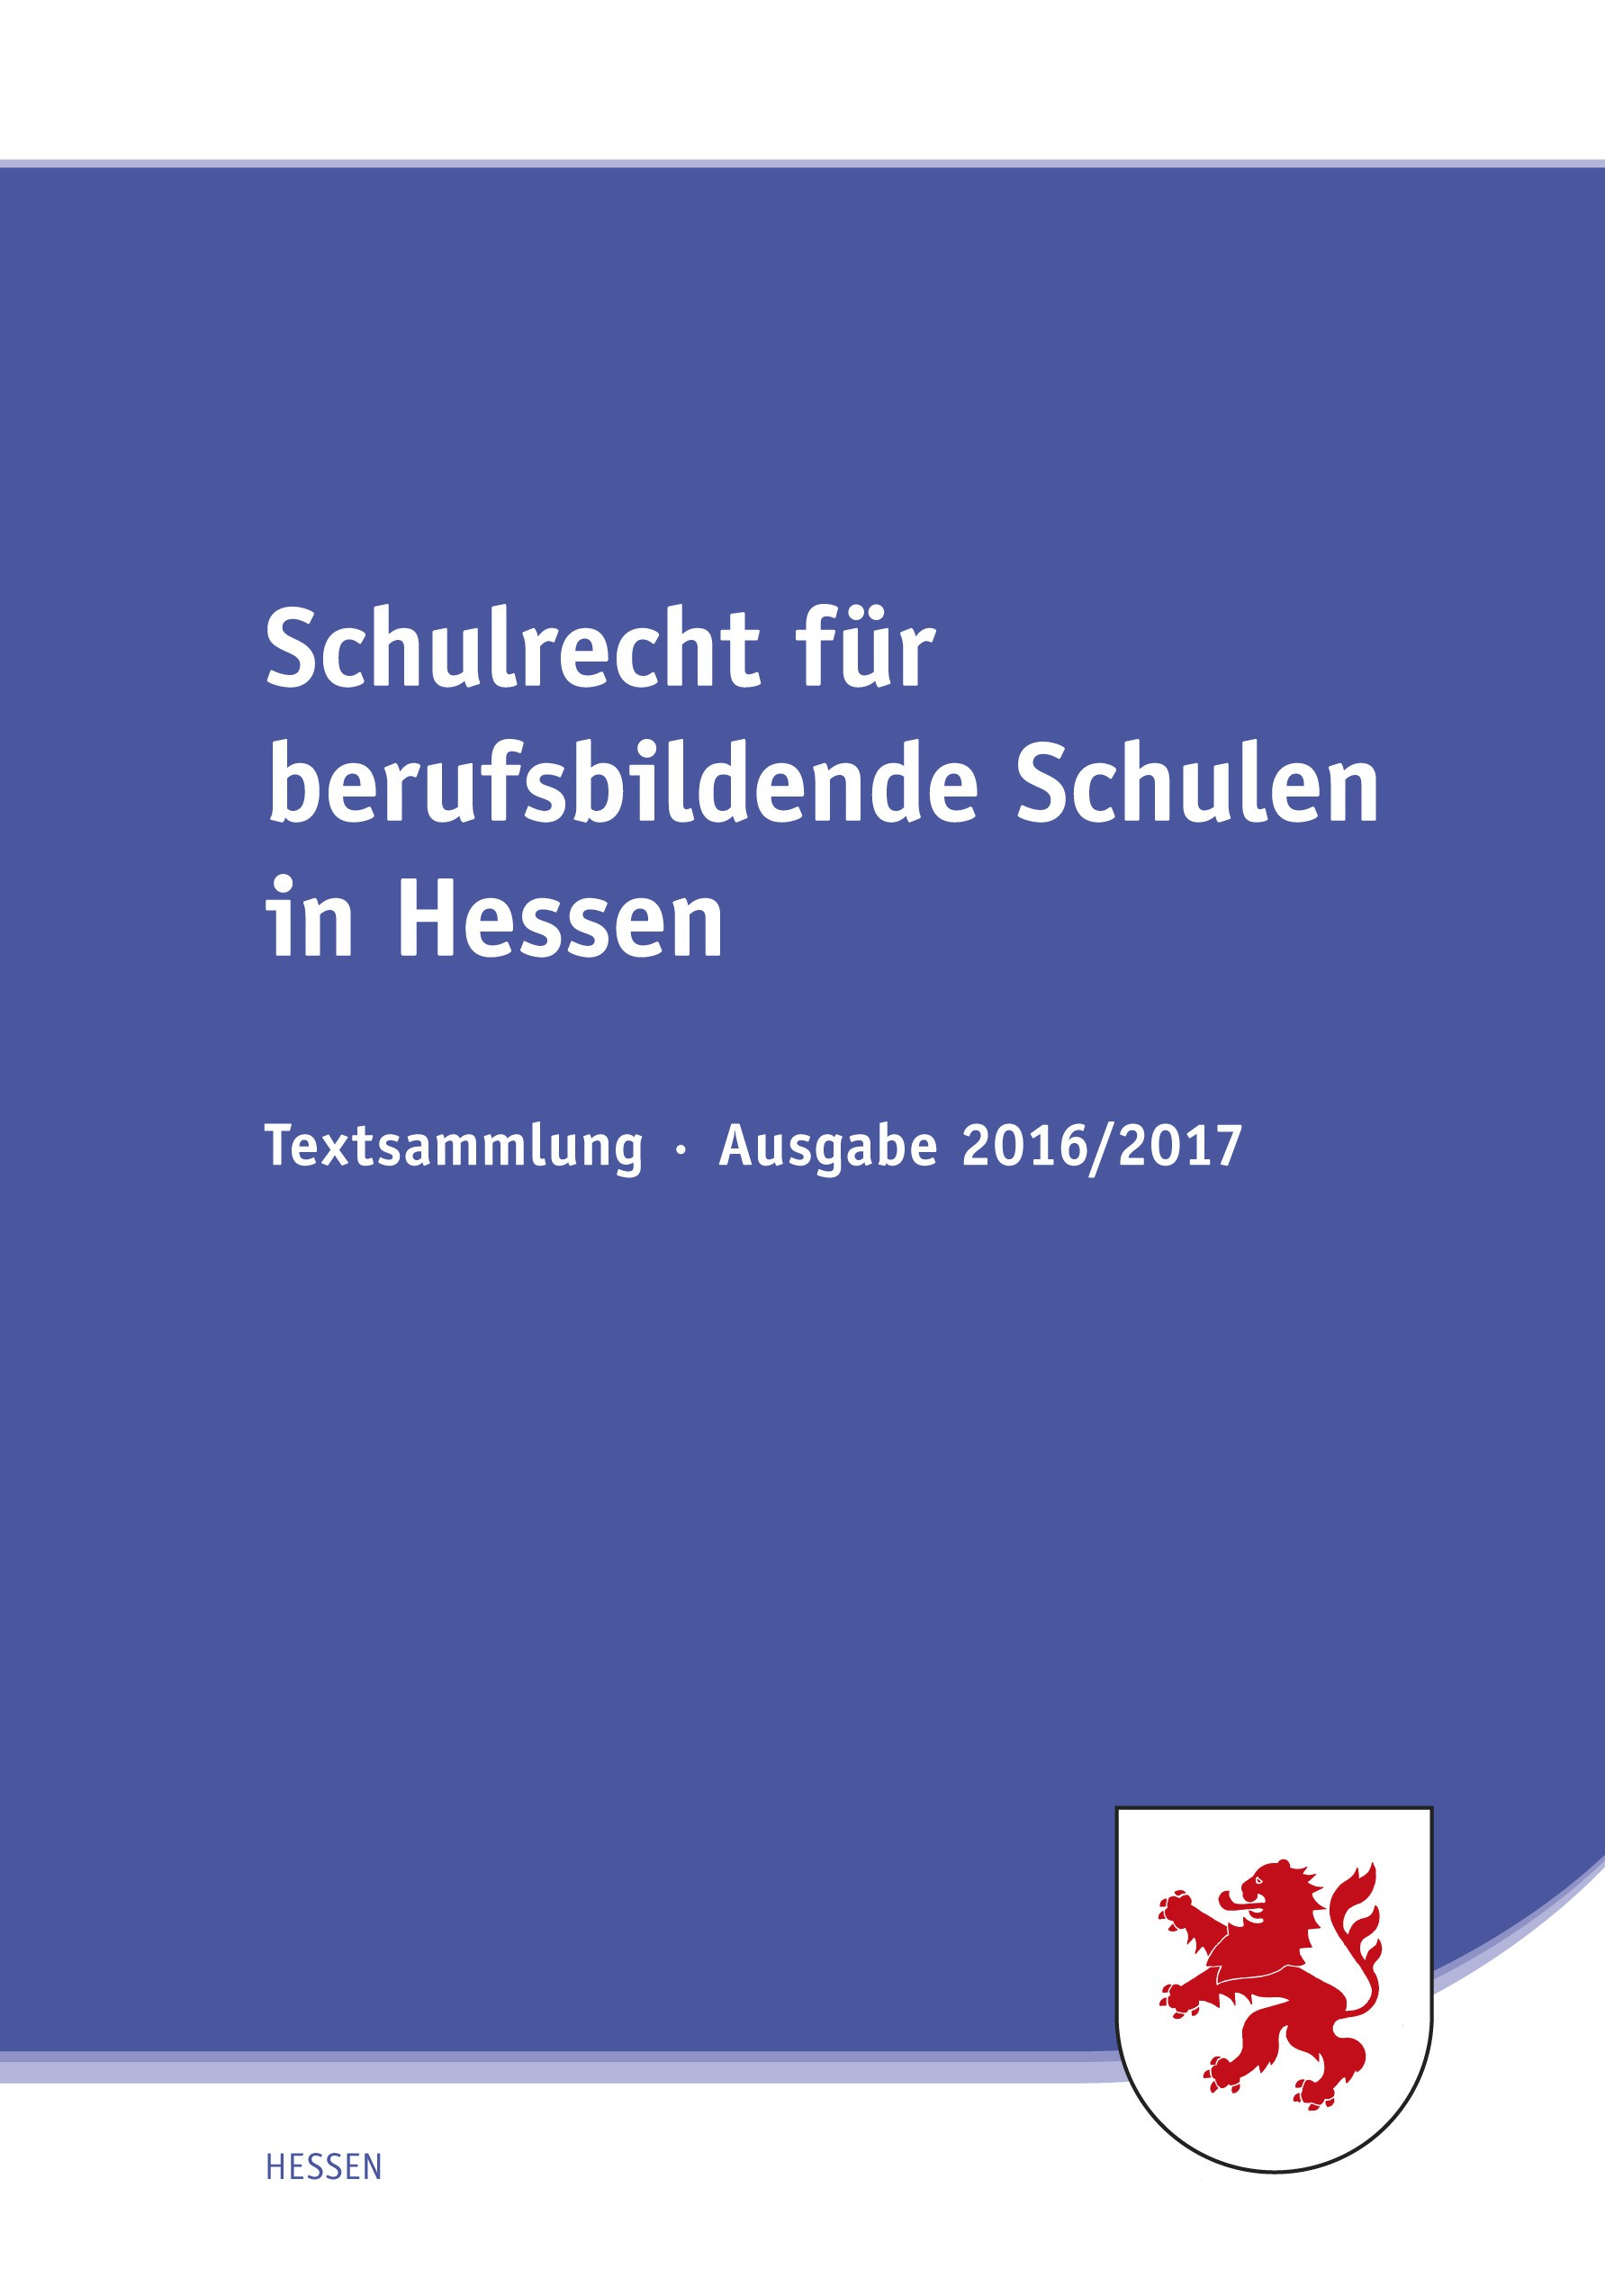 Schulrecht für berufsbildende Schulen in Hessen